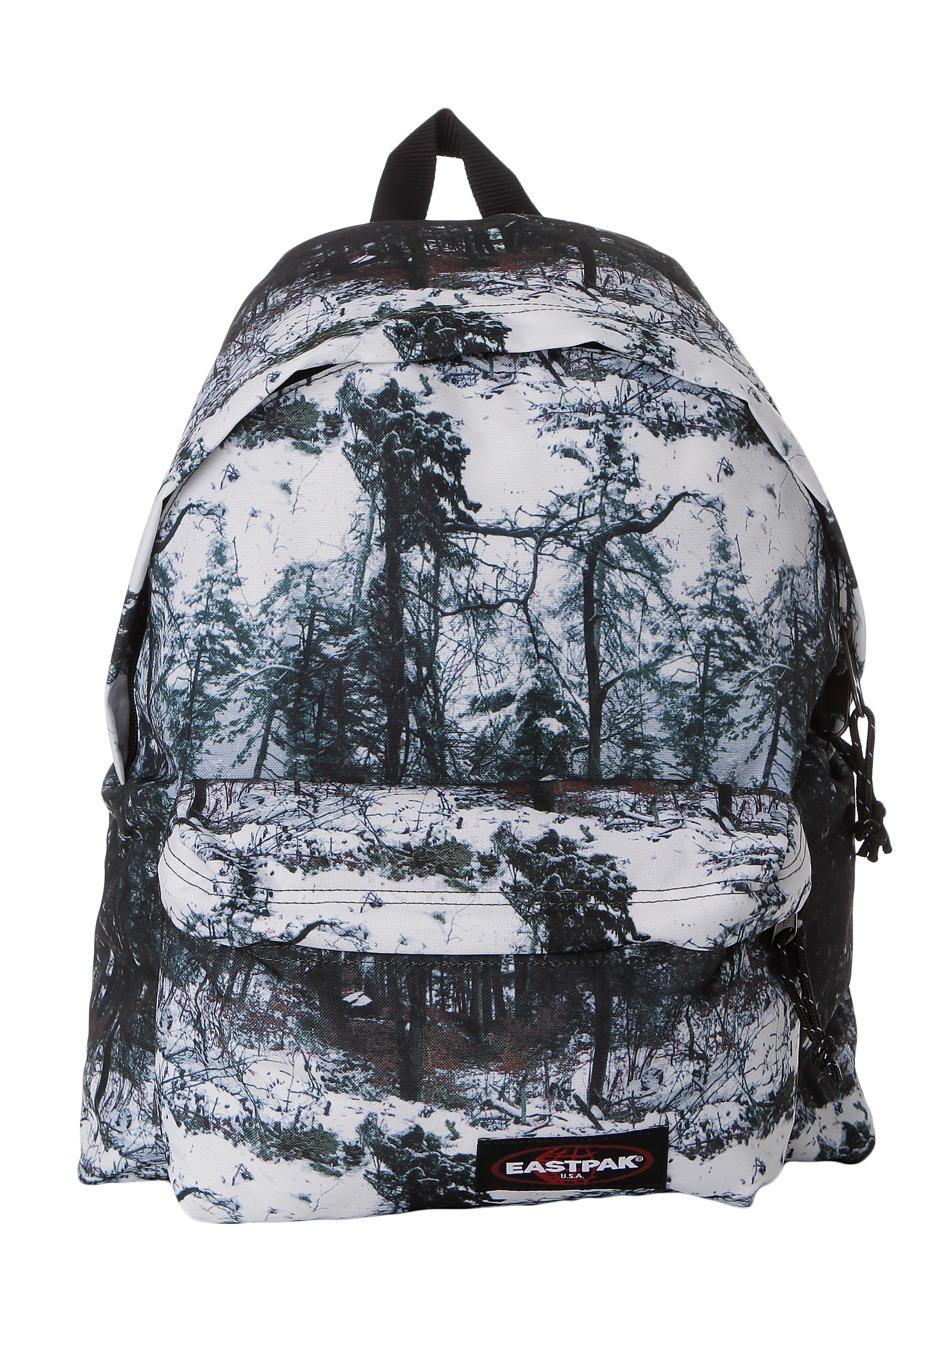 eastpak padded pak r tree backpack uk. Black Bedroom Furniture Sets. Home Design Ideas